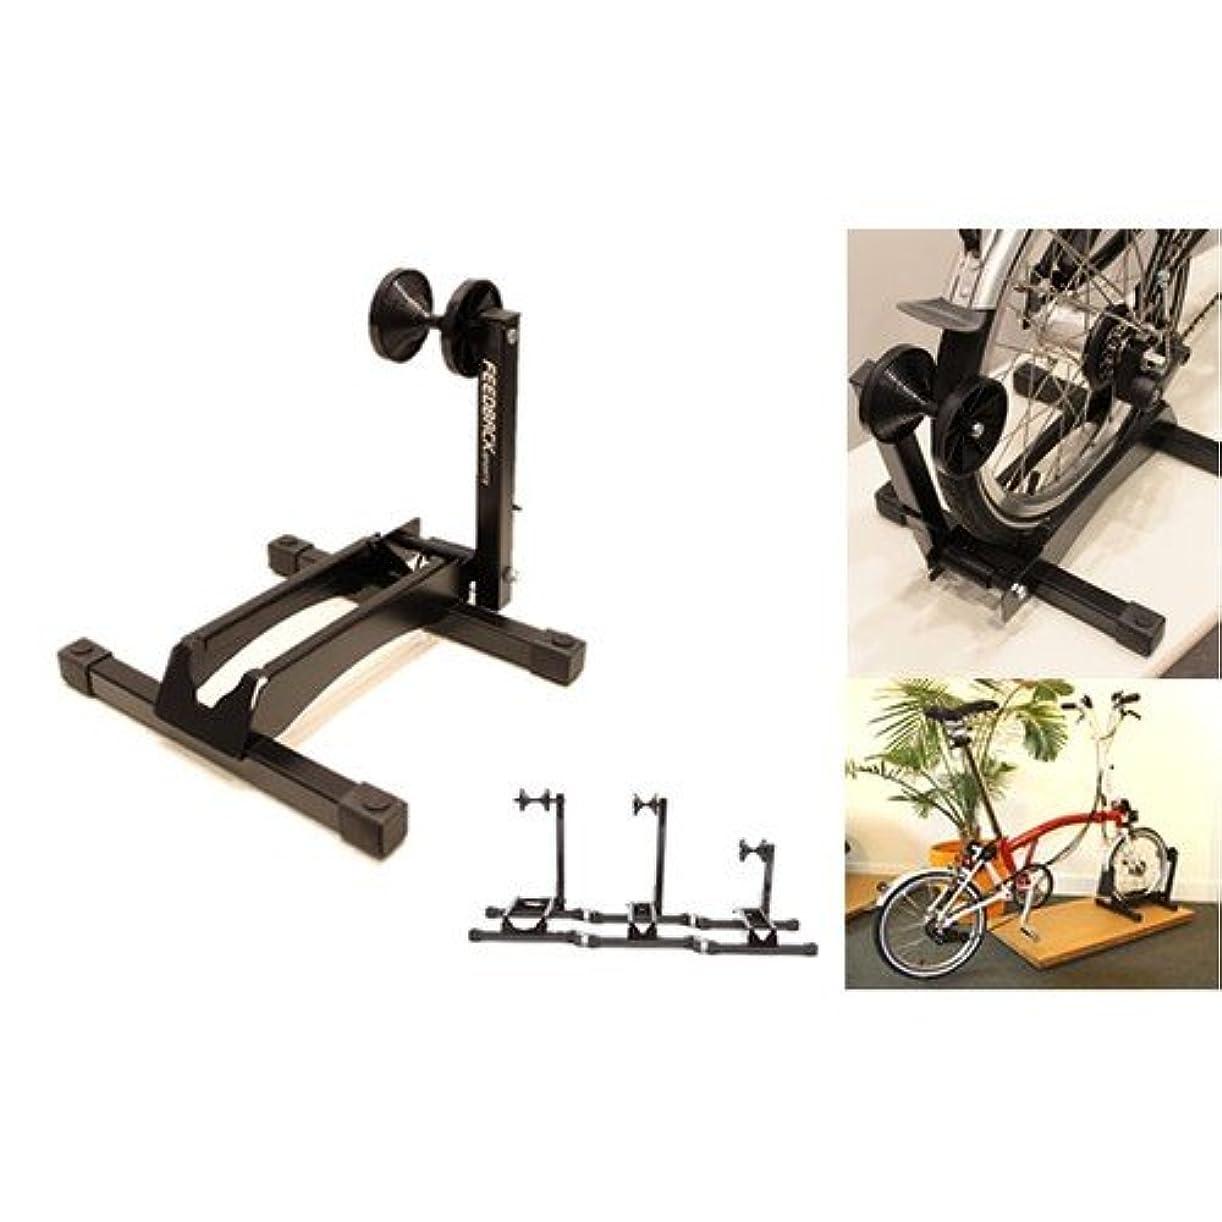 アカデミック女の子浜辺FEEDBACK SPORTS(フィードバックスポーツ) MINI RAKK BICYCLE STORAGE STAND ブラック